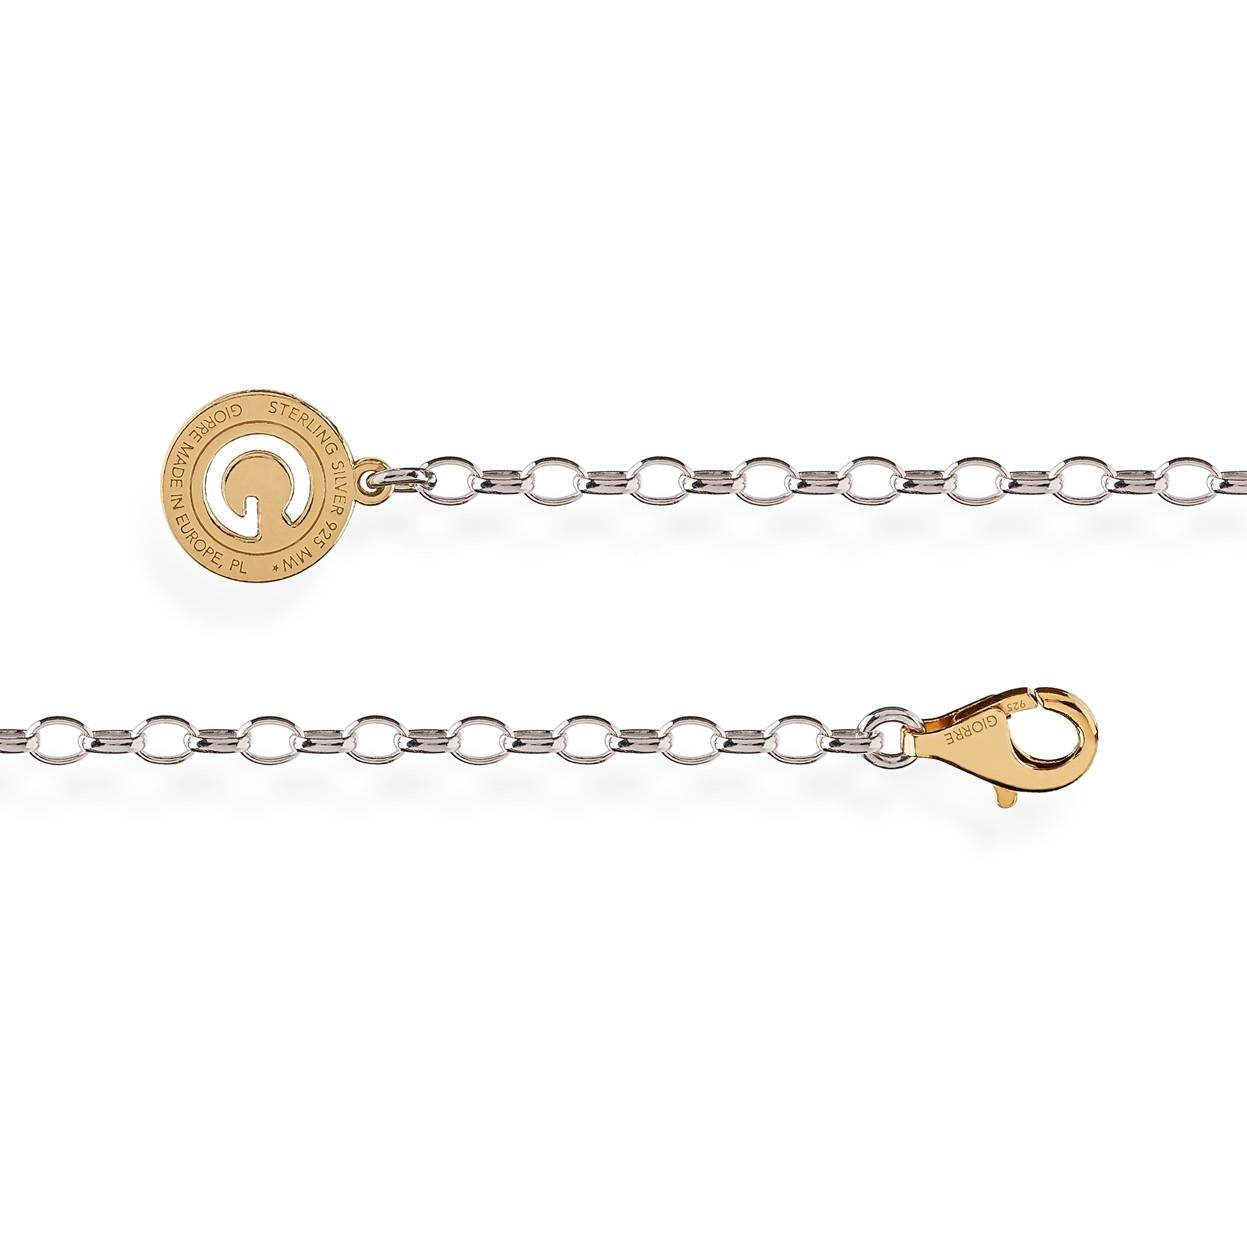 Gargantilla de plata 55-65 cm rodio claro, cierre oro amarillo, enlace 4x3 mm